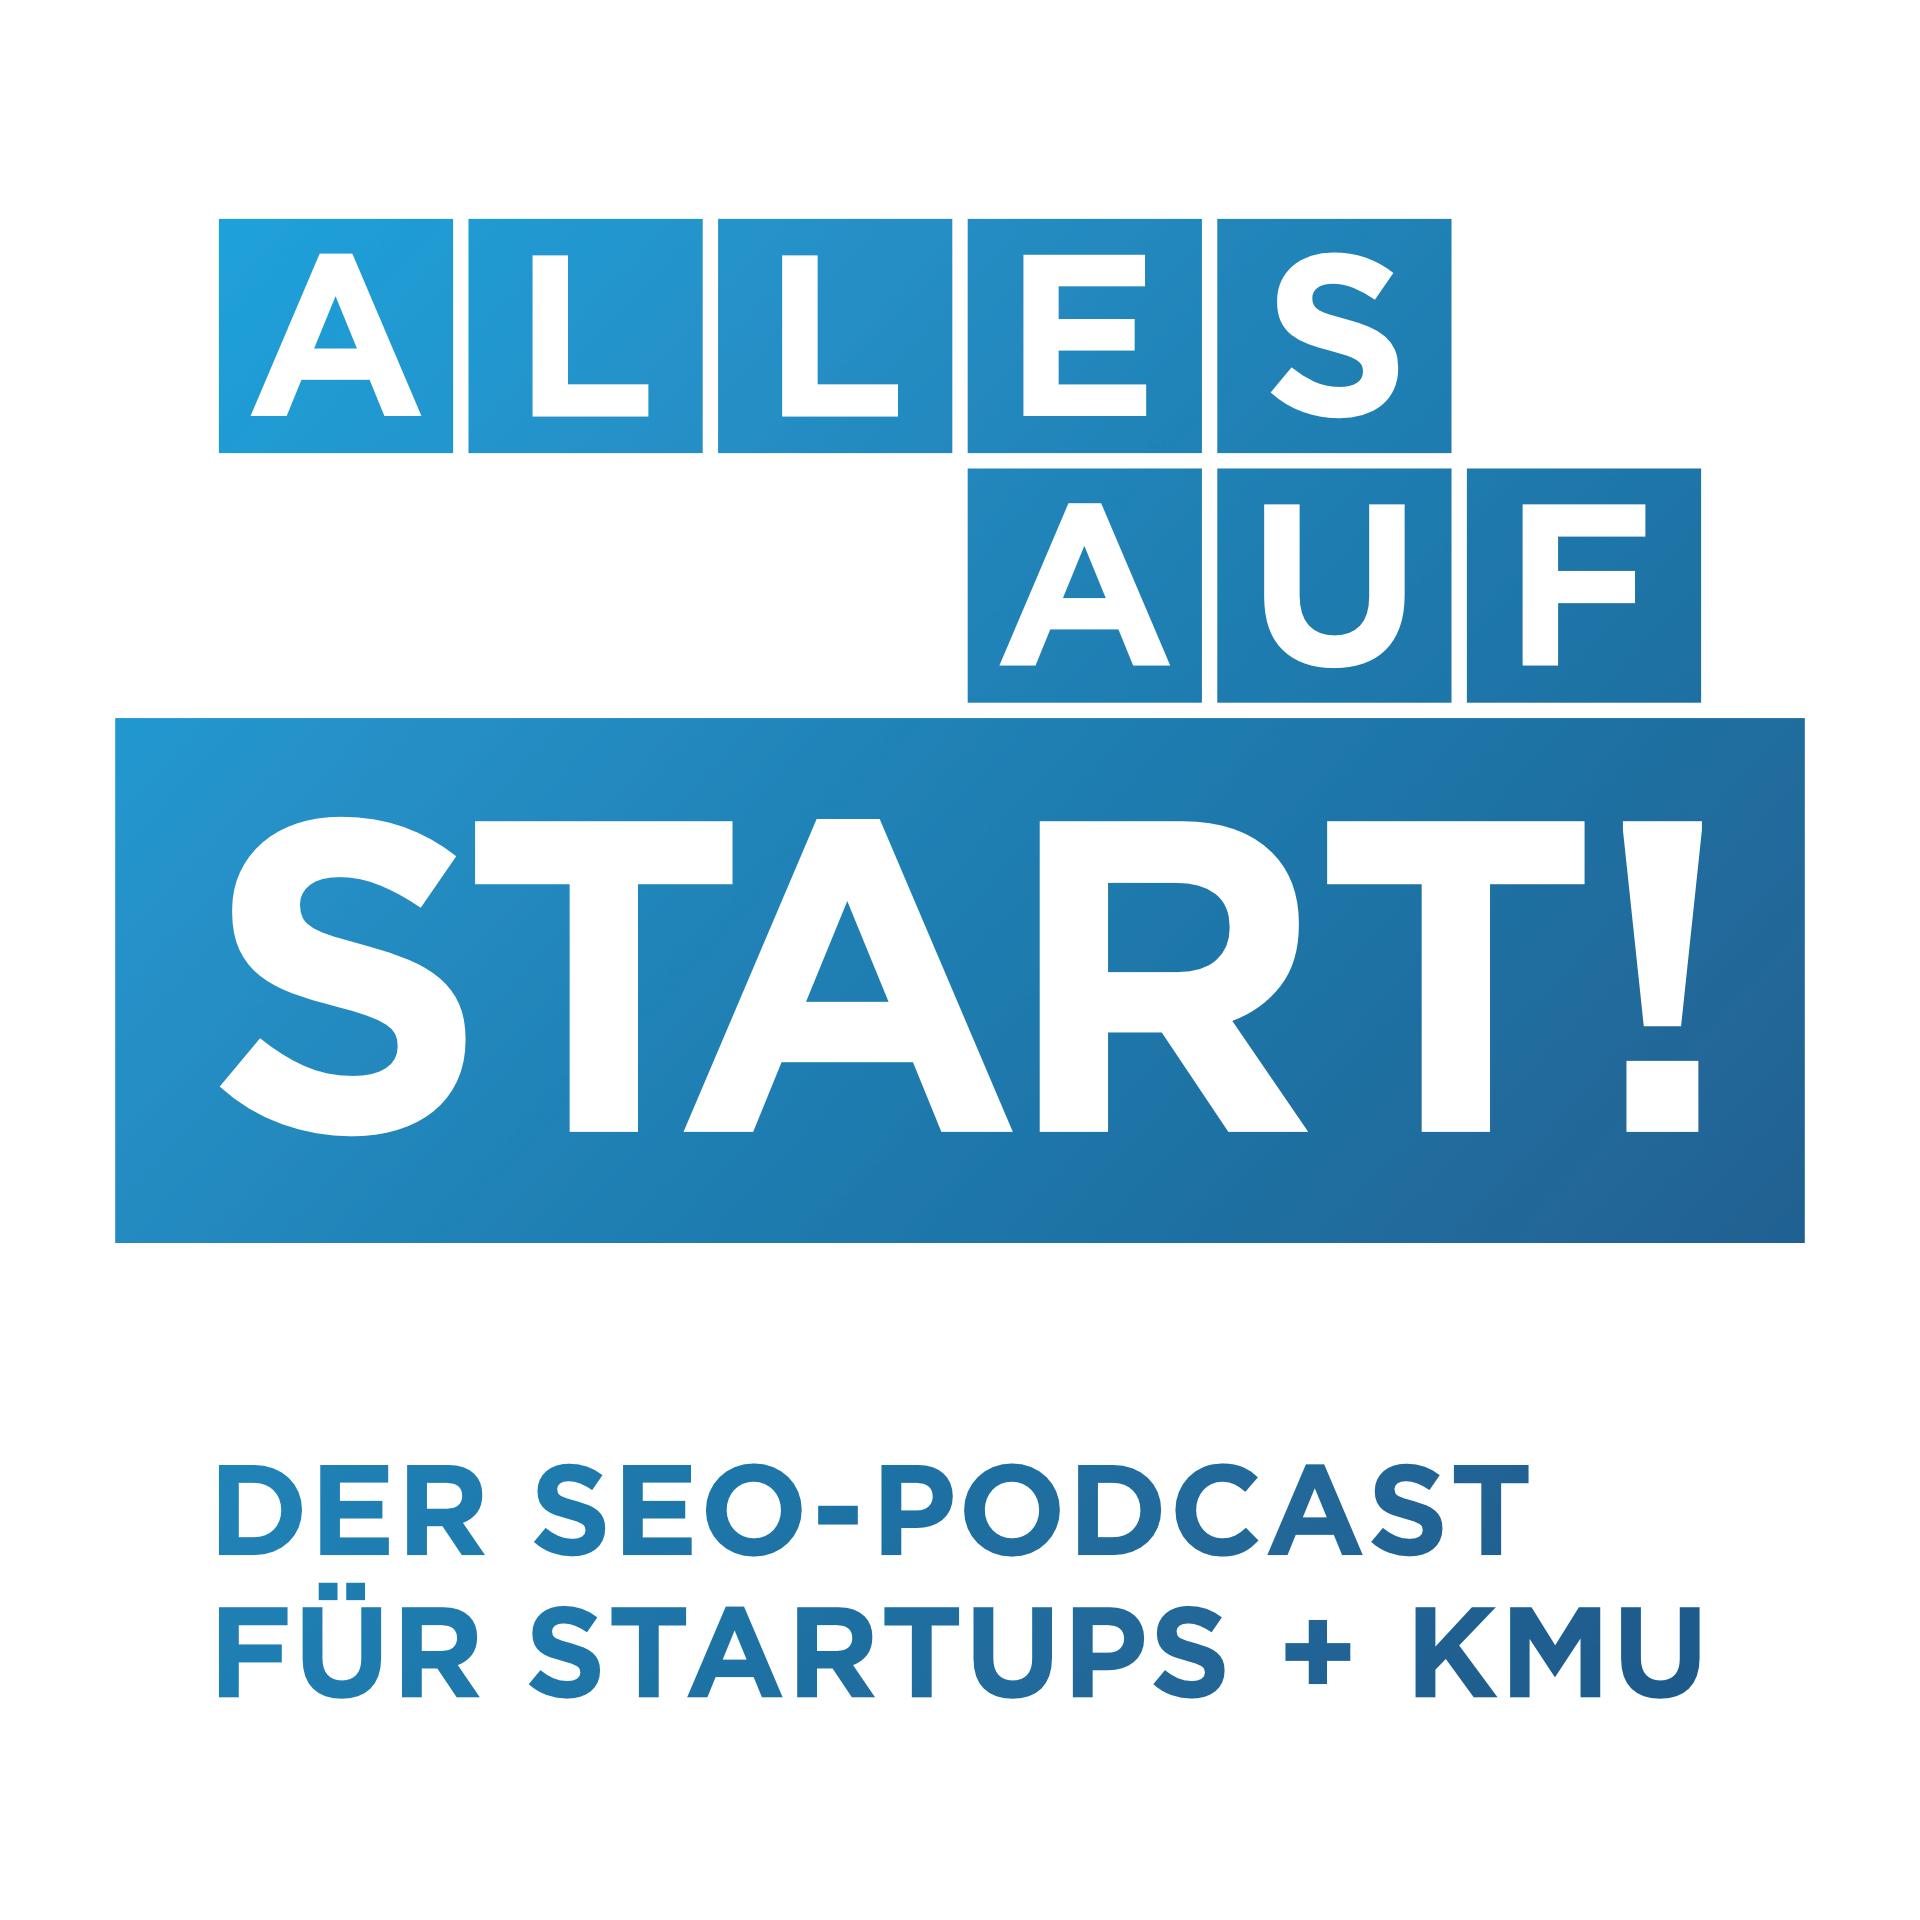 Alles auf Start - Der SEO-Podcast für Startups/KMU show art